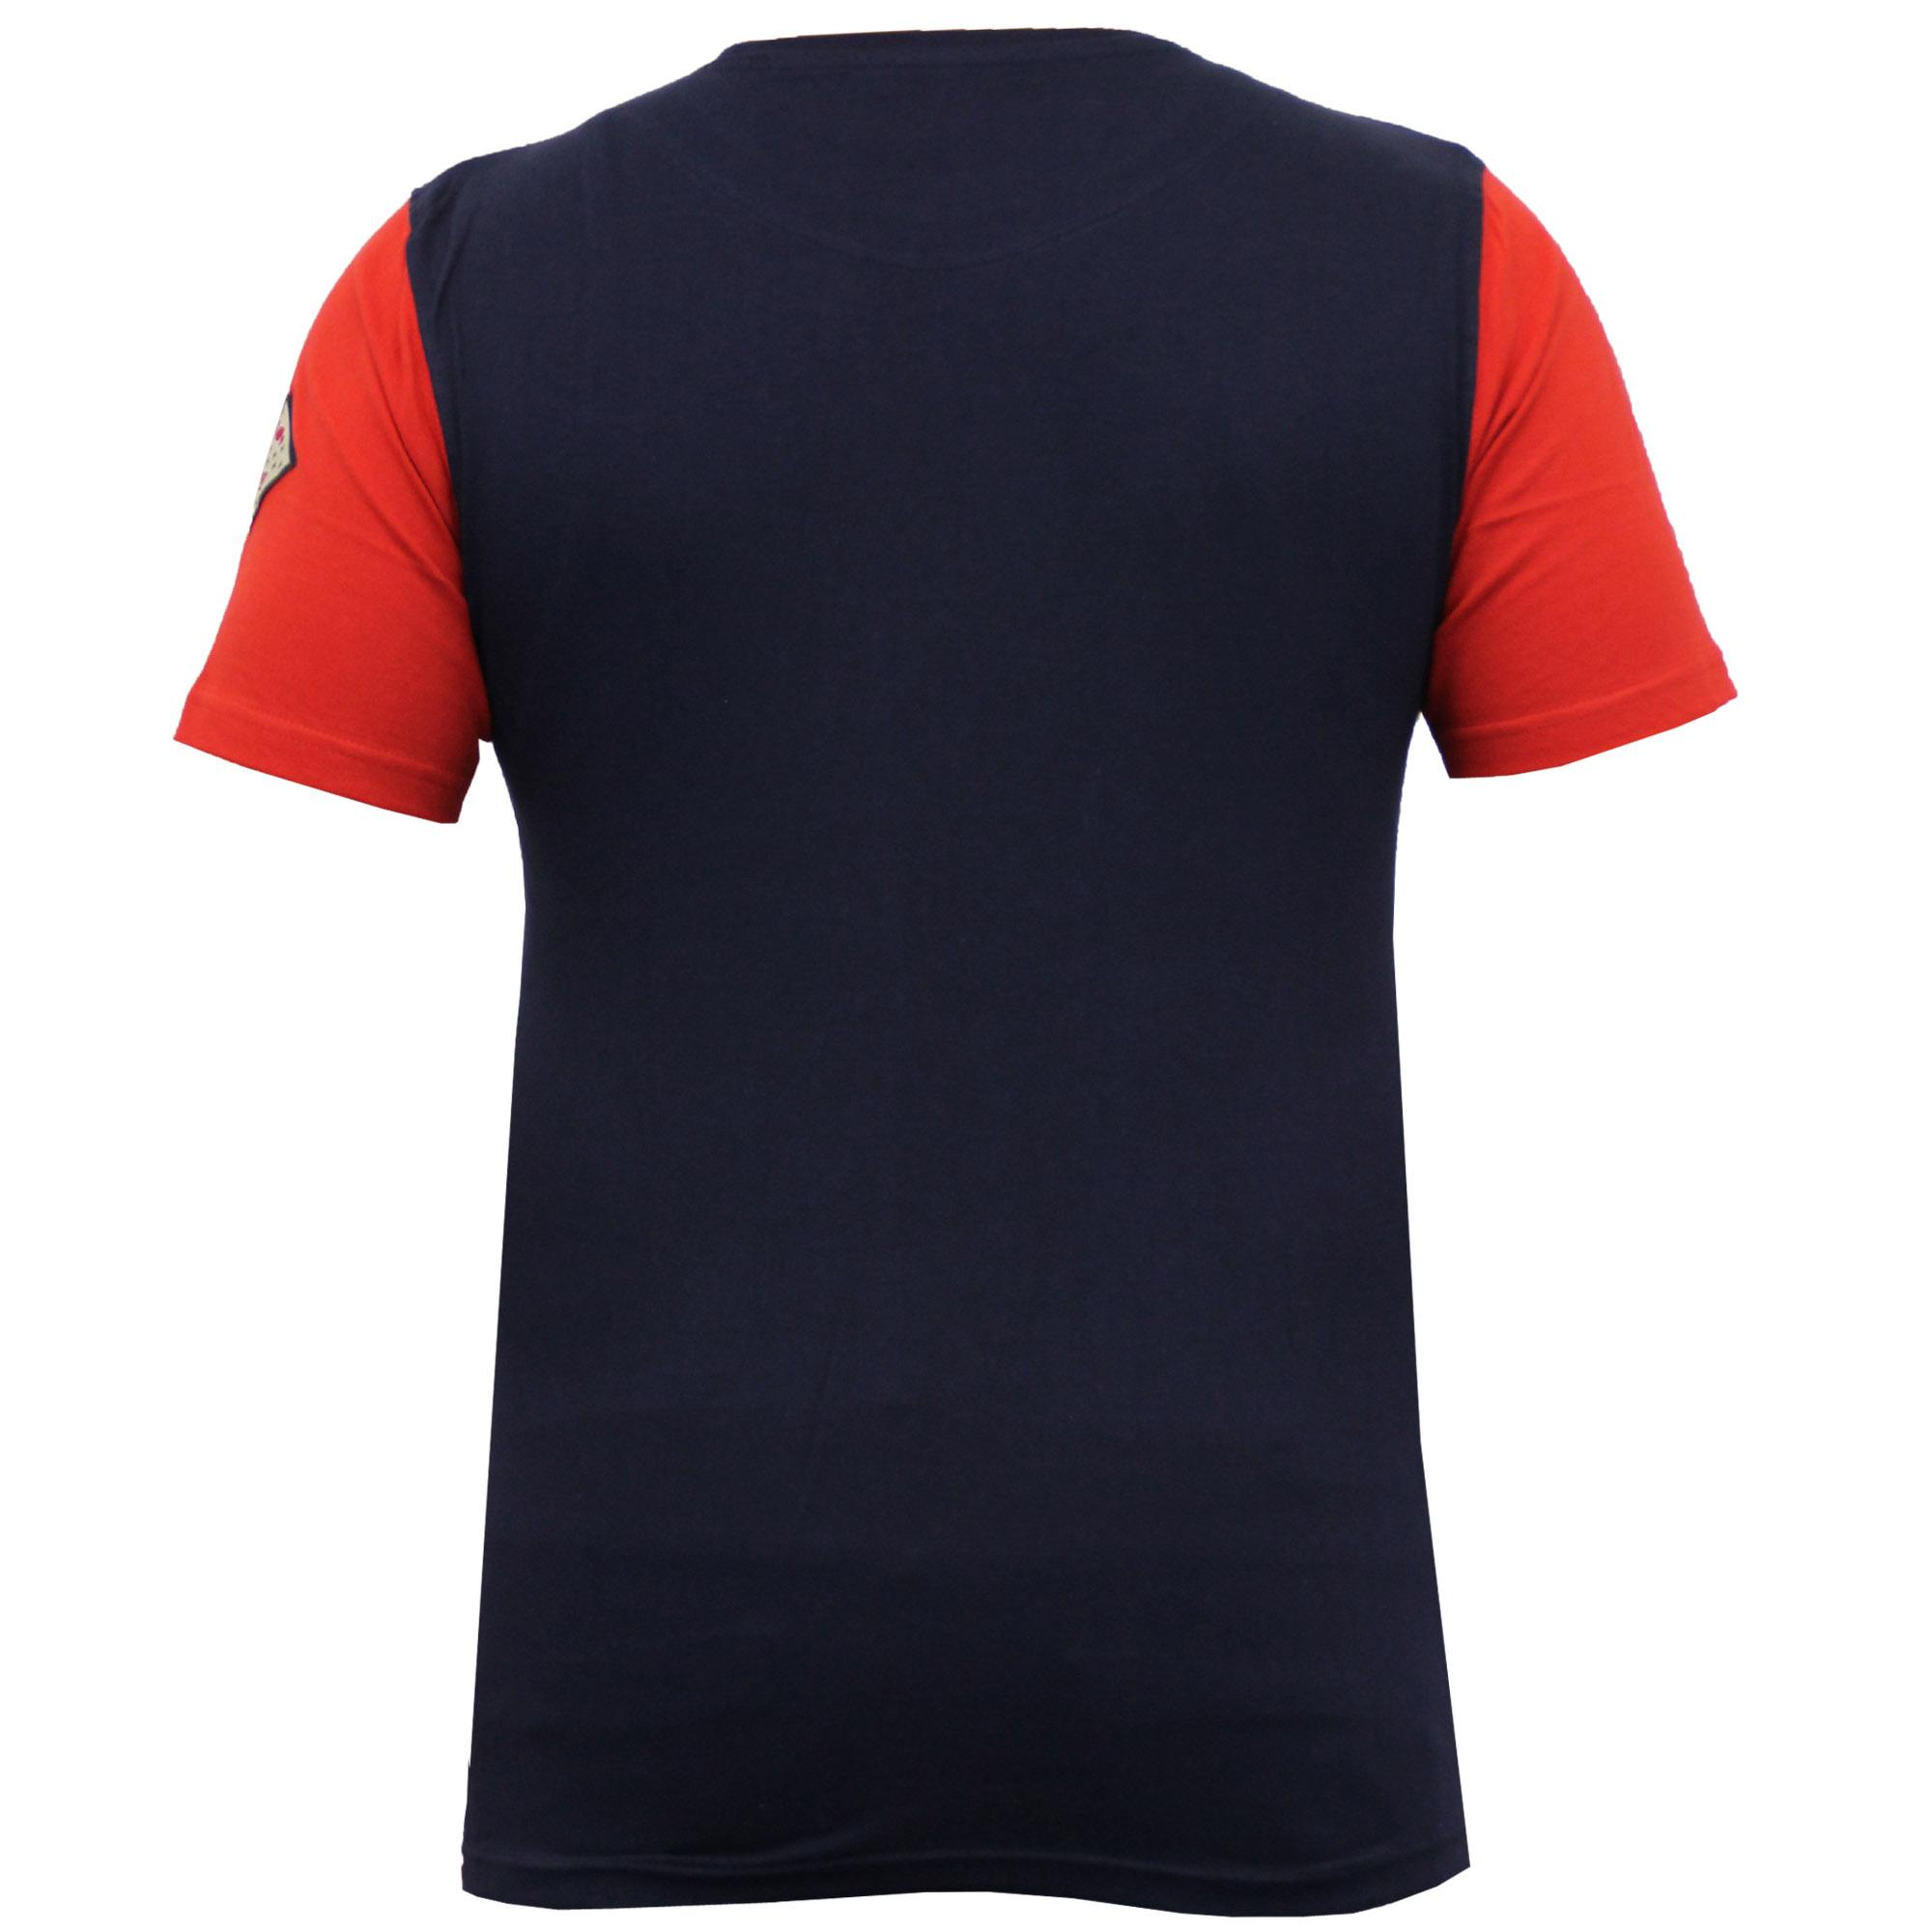 Black xmas t shirt - Mens Christmas T Shirt Ho Ho Ho Xmas